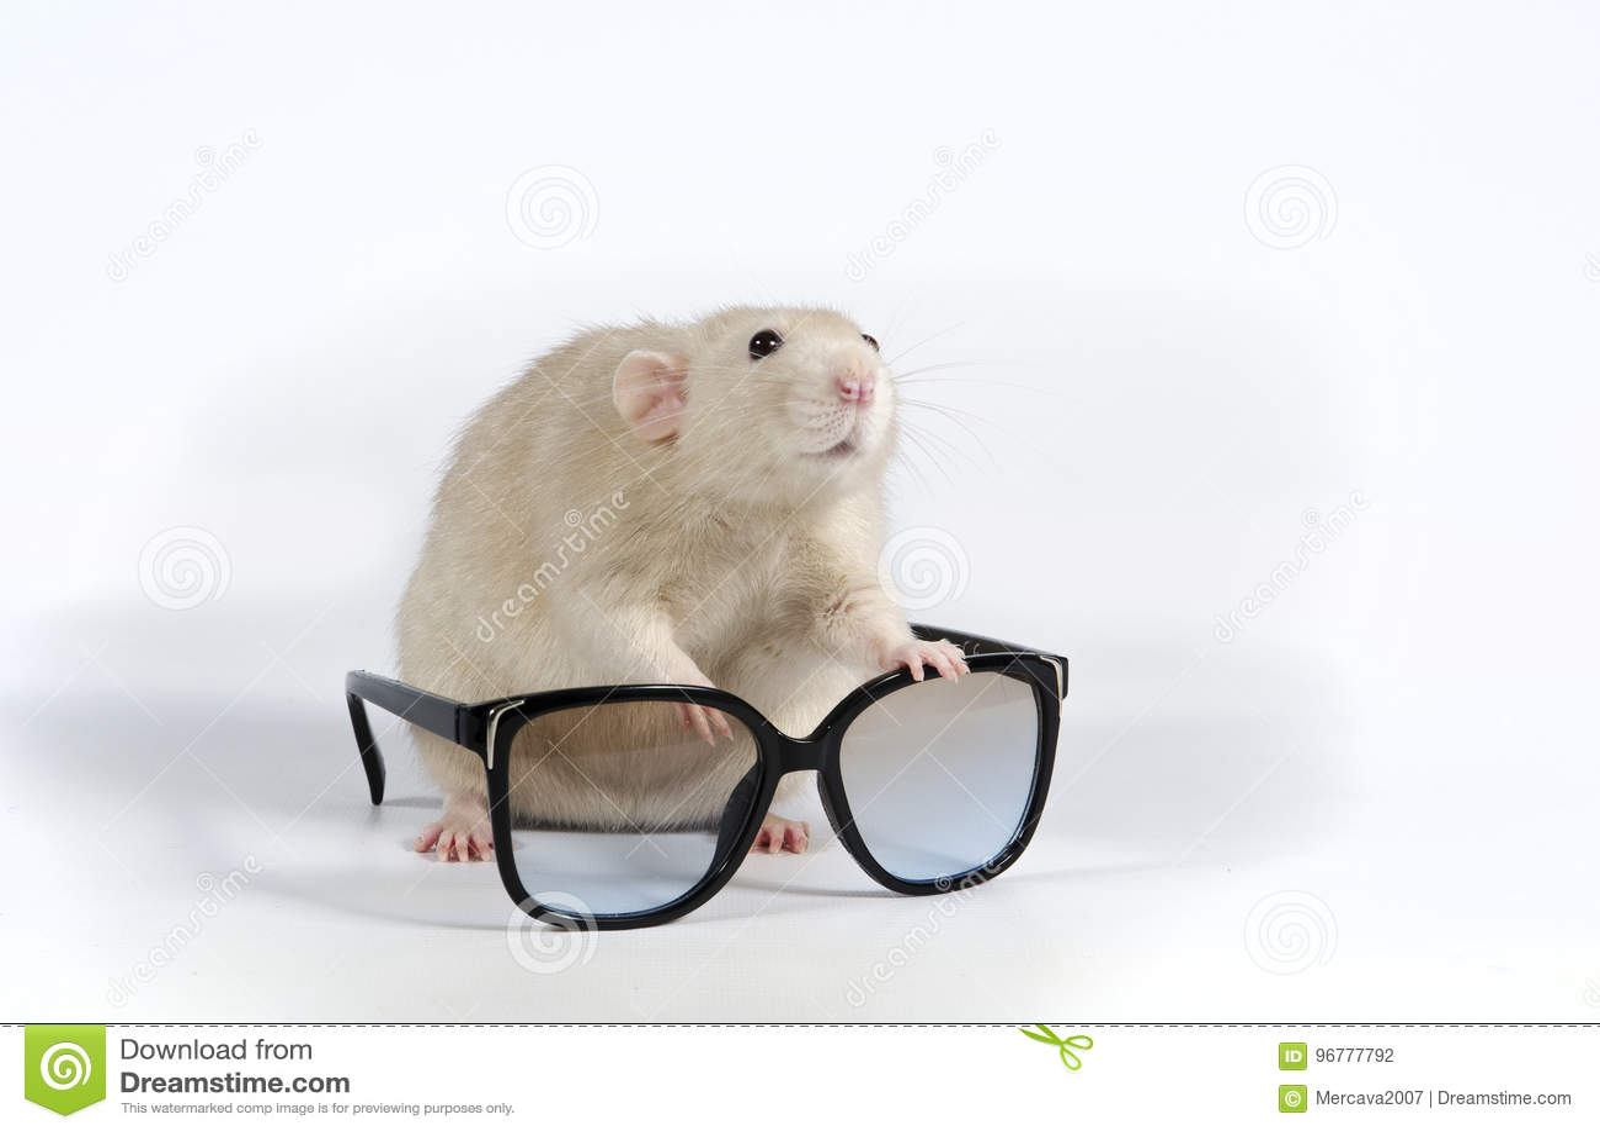 Dekorativt tjalla och solglasögon